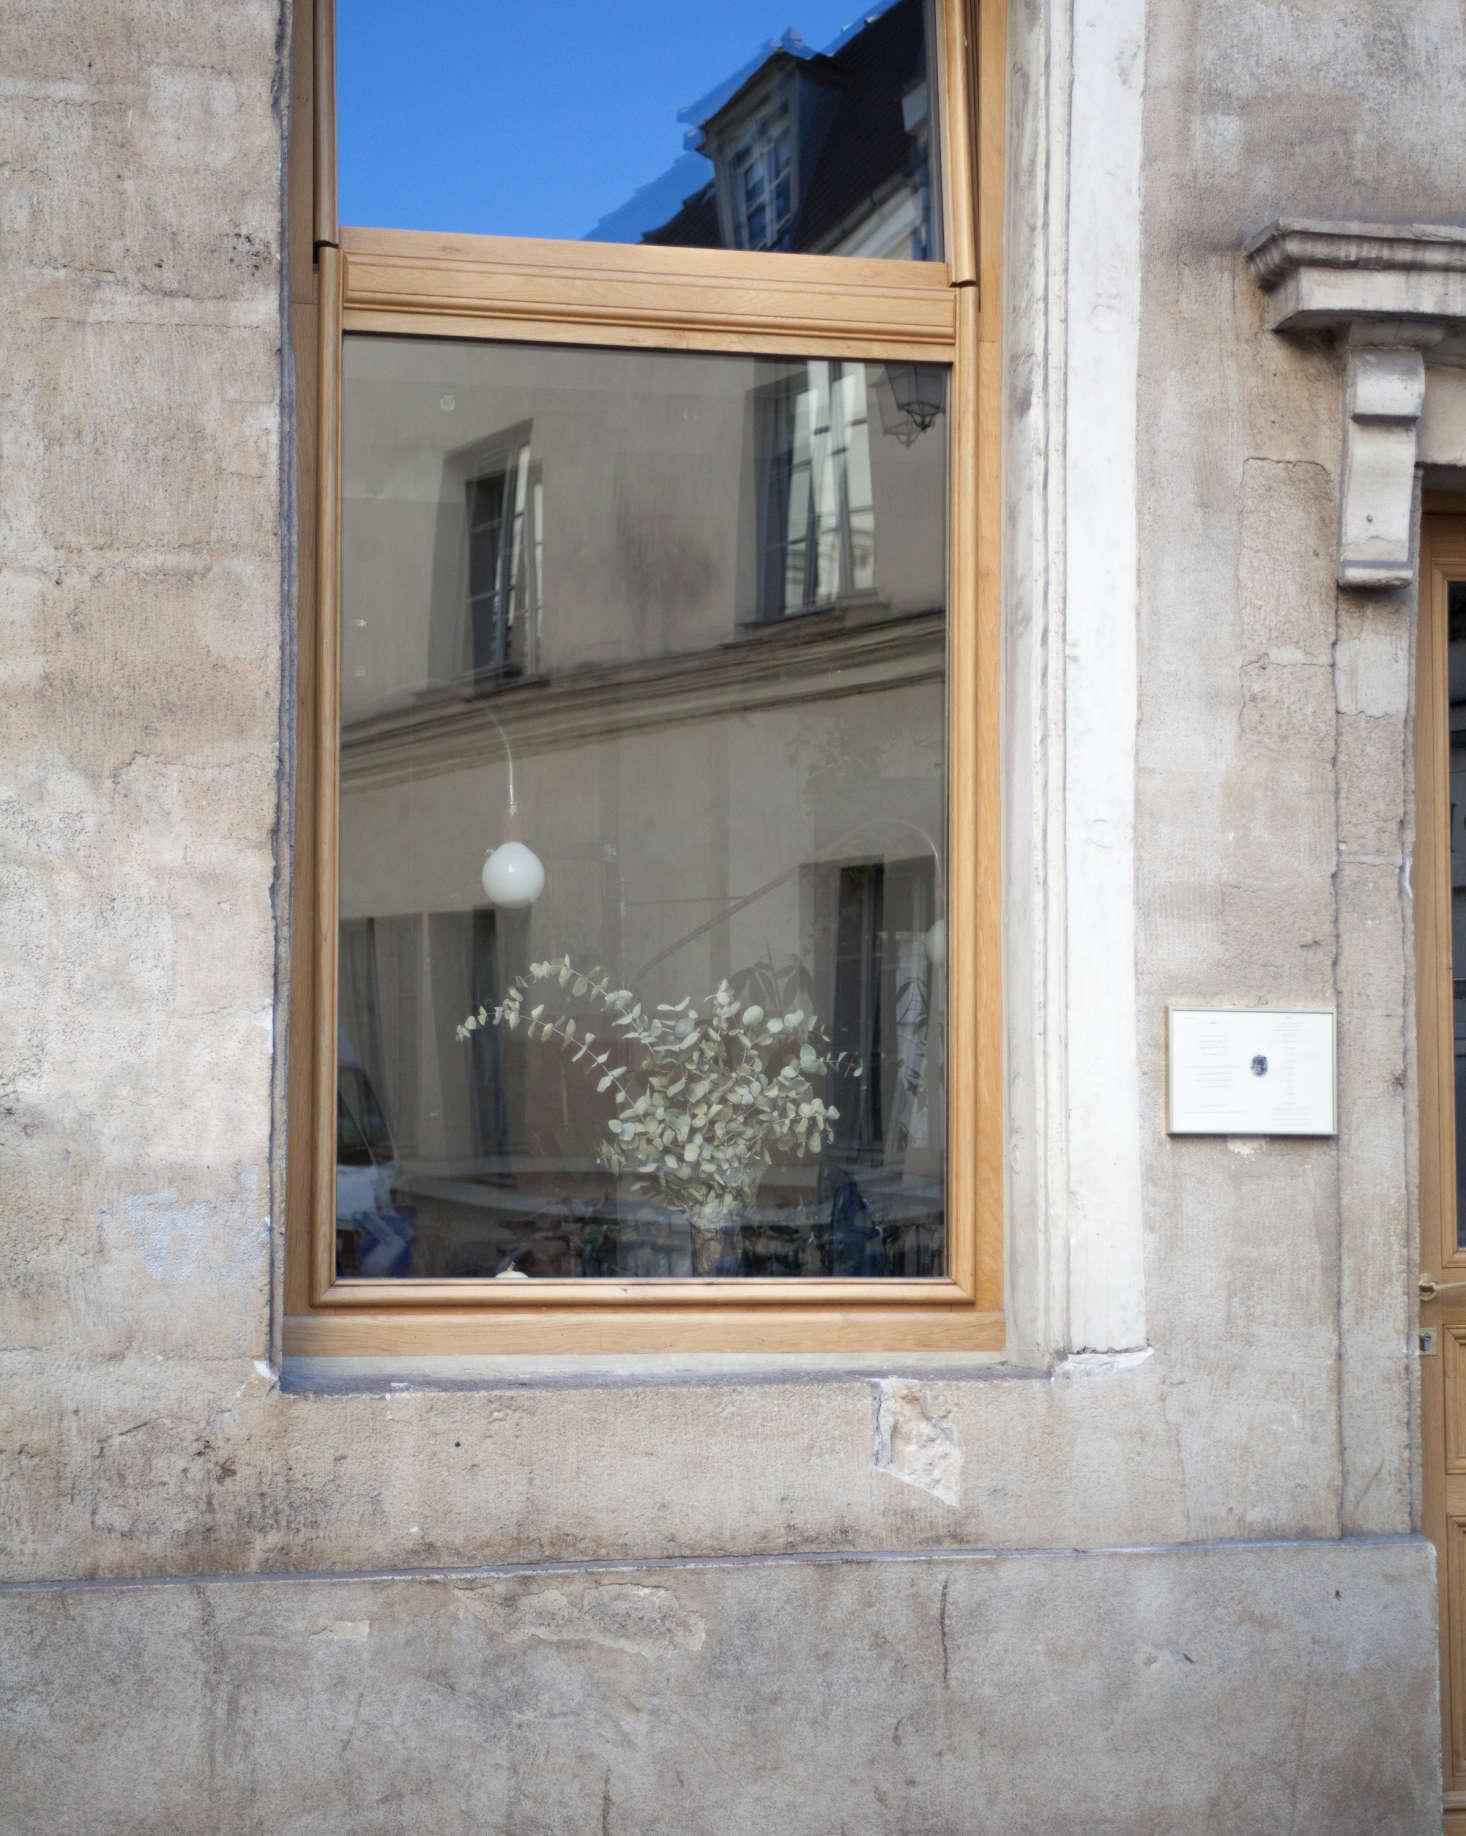 An arrangement of dried eucalyptus seen through the window.